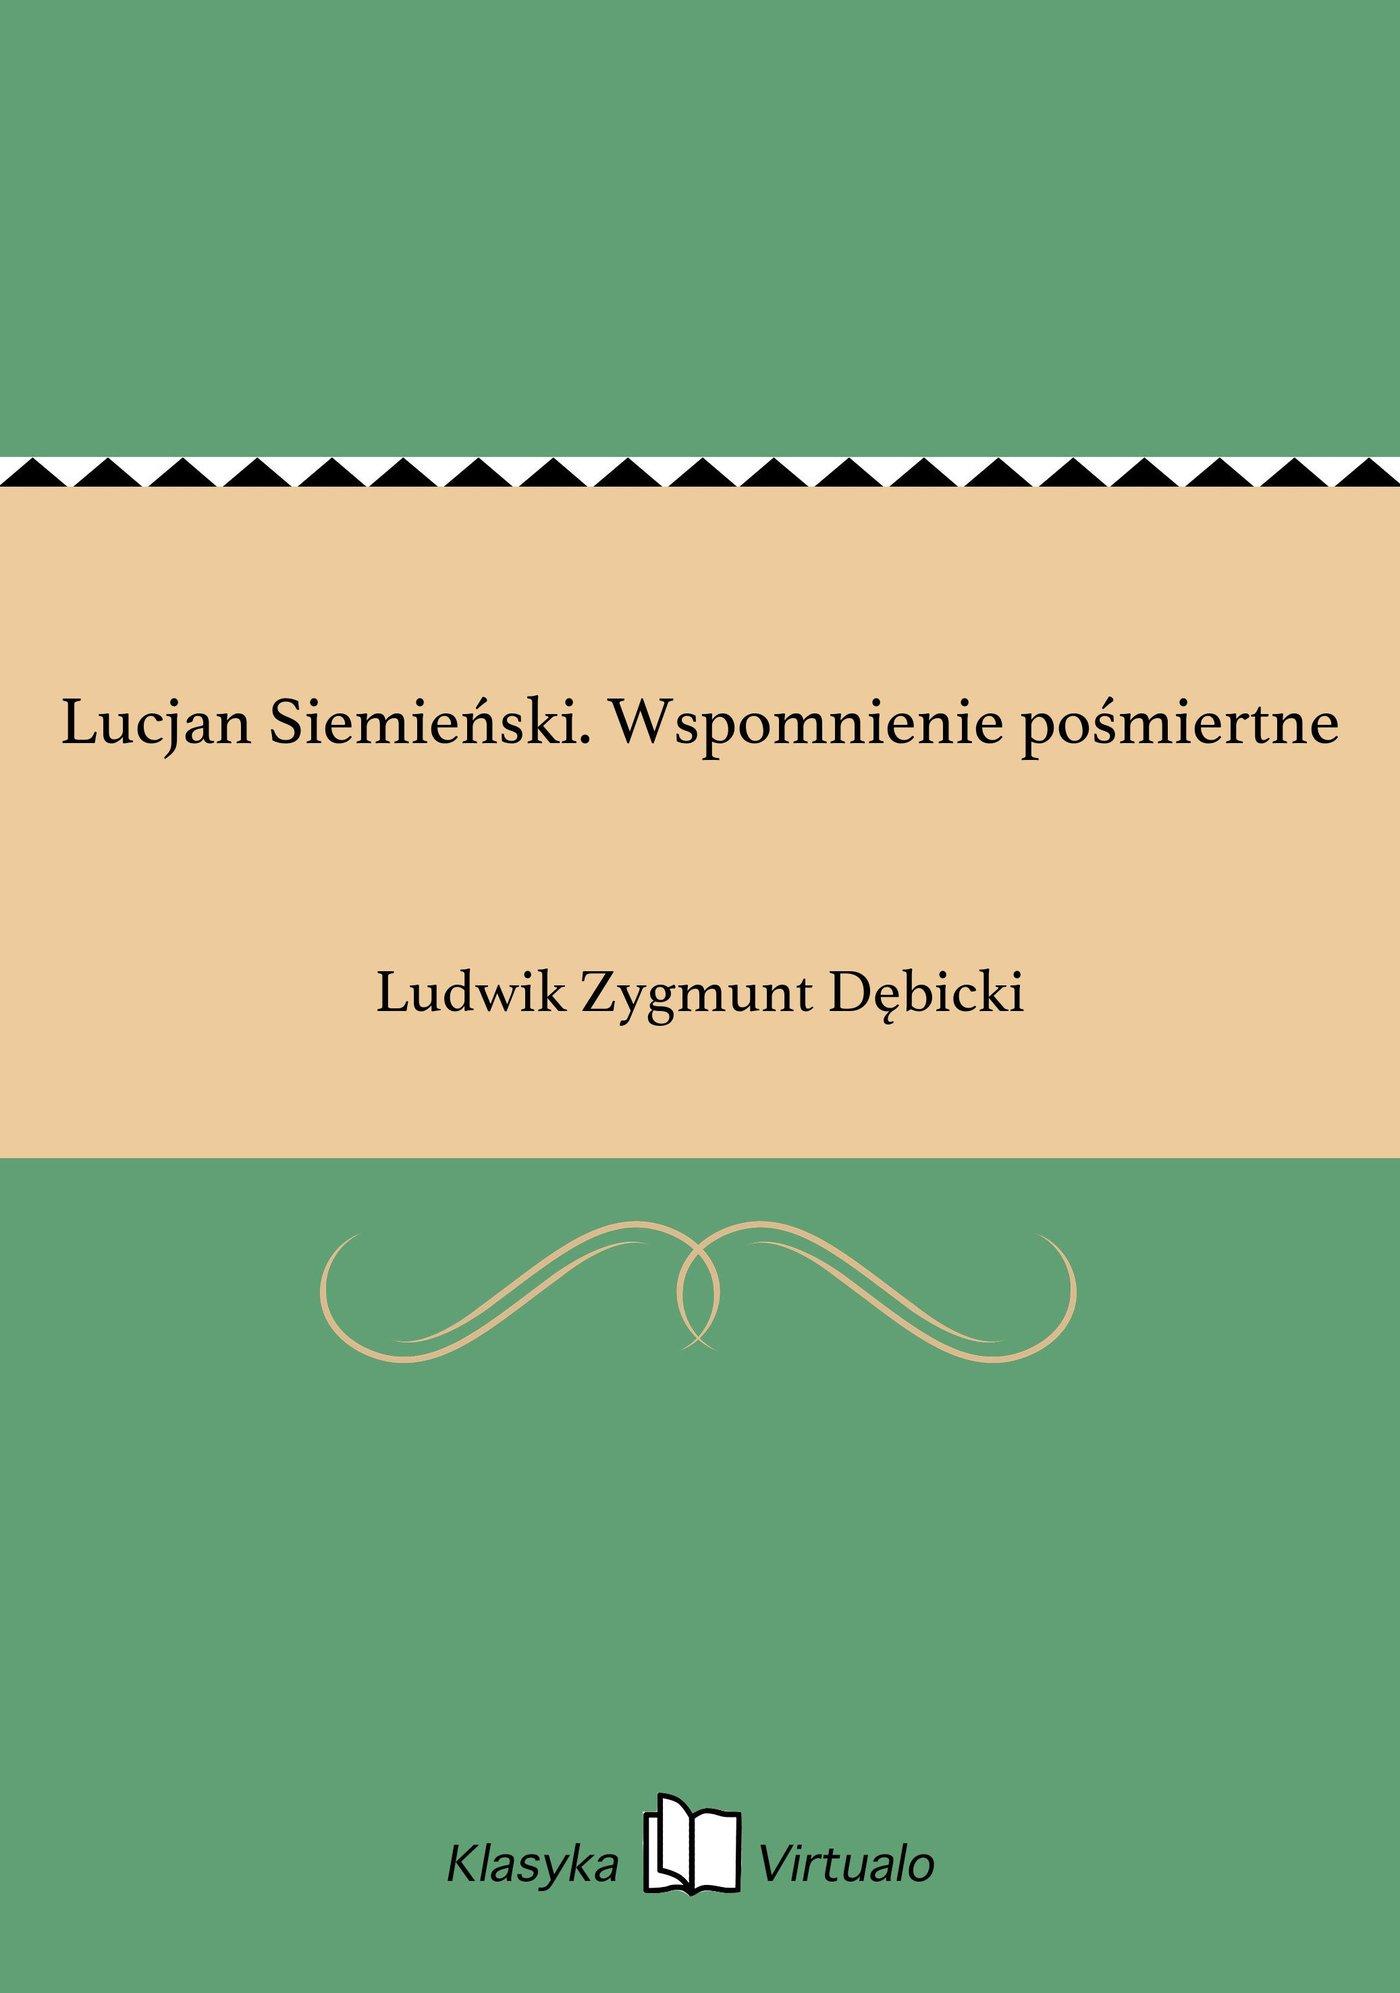 Lucjan Siemieński. Wspomnienie pośmiertne - Ebook (Książka EPUB) do pobrania w formacie EPUB